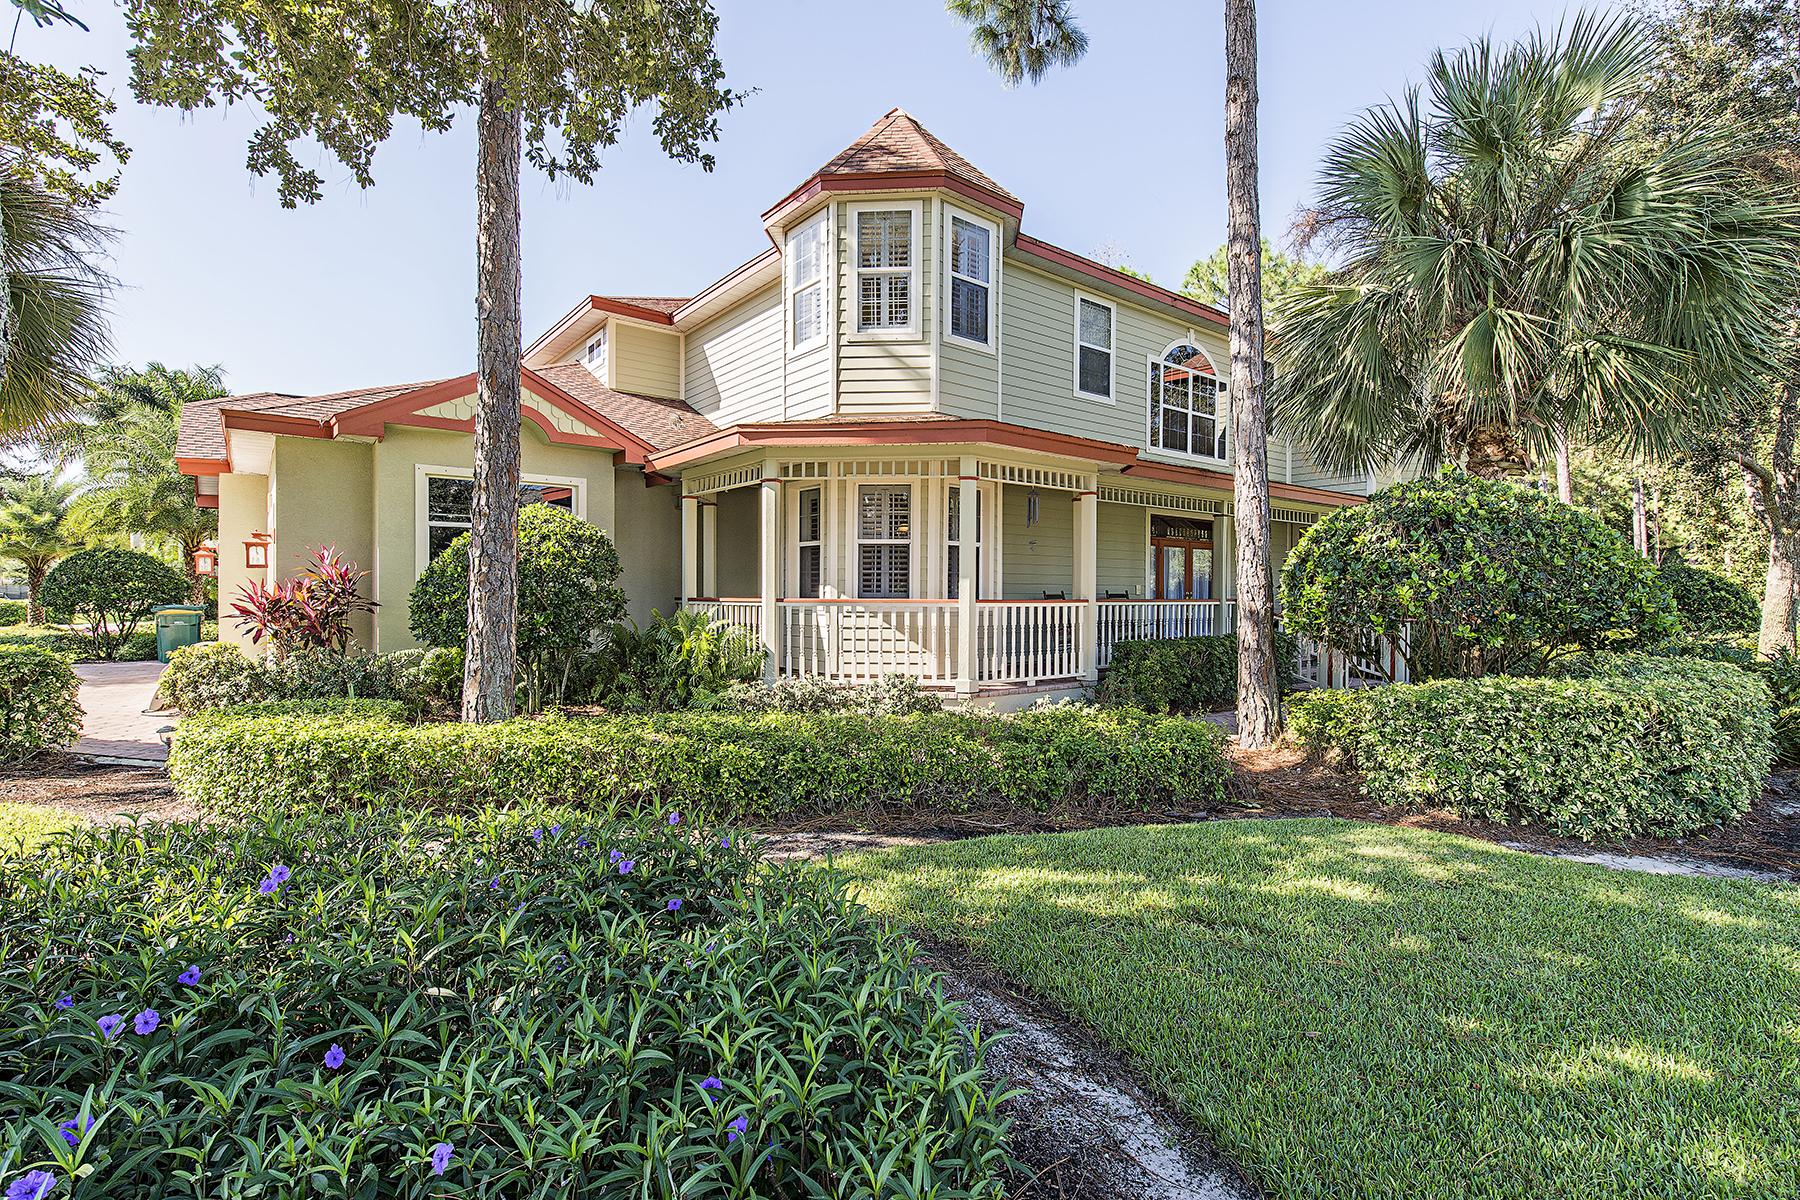 Maison unifamiliale pour l Vente à COACHMAN GLEN 2830 Coach House Way Naples, Florida, 34105 États-Unis